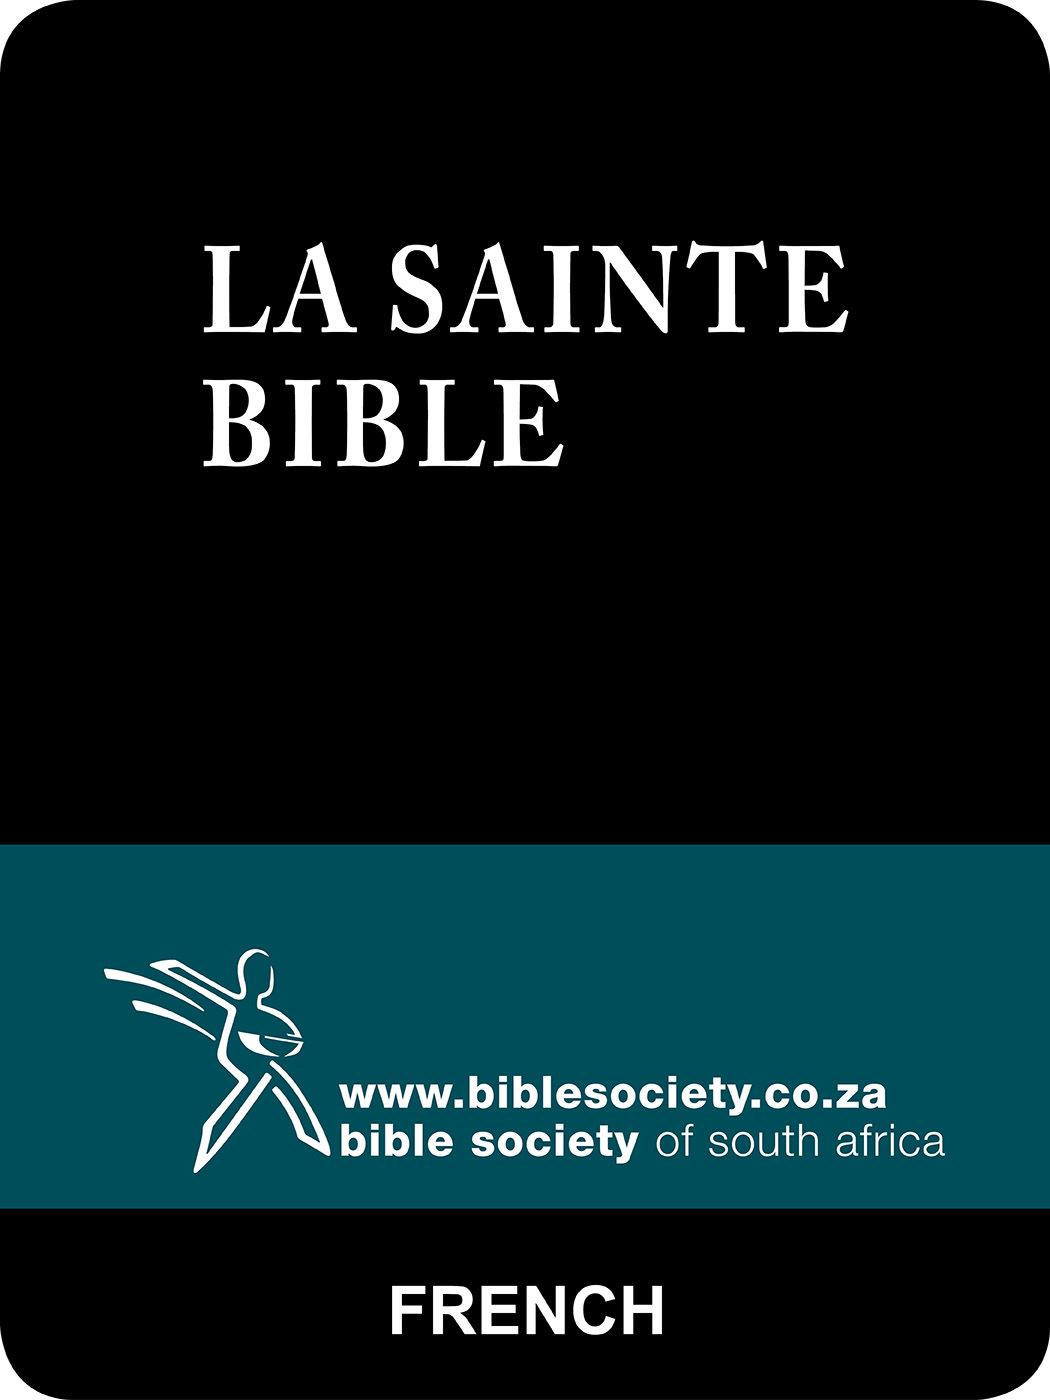 French Bible - Louis Segond (1910)